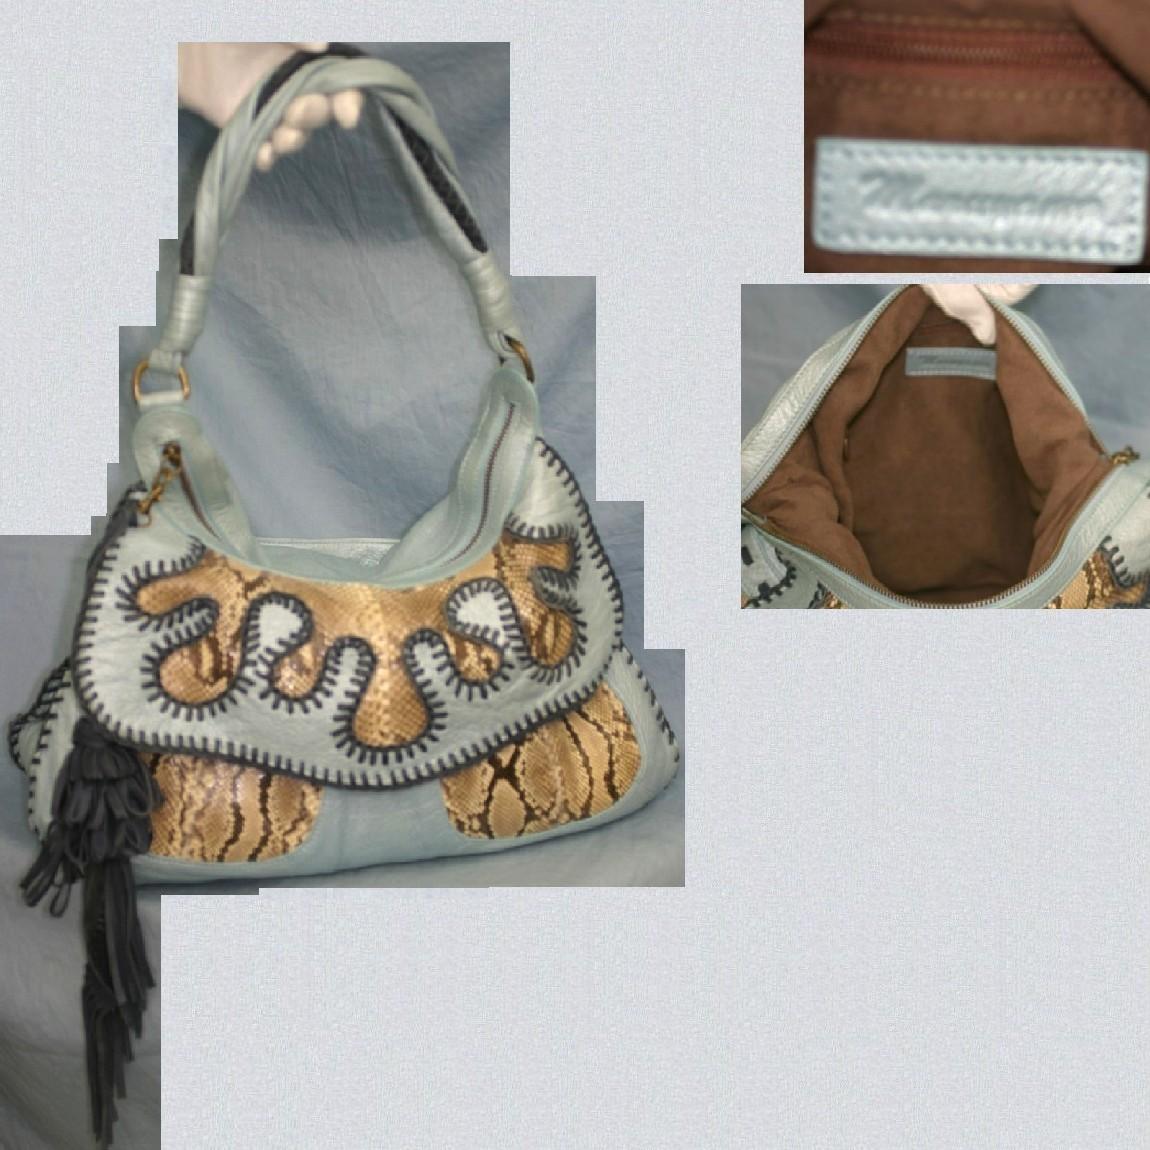 【中古】本物綺麗マルヤマmaruyama水色革x蛇革40cmワイルドなショルダートート